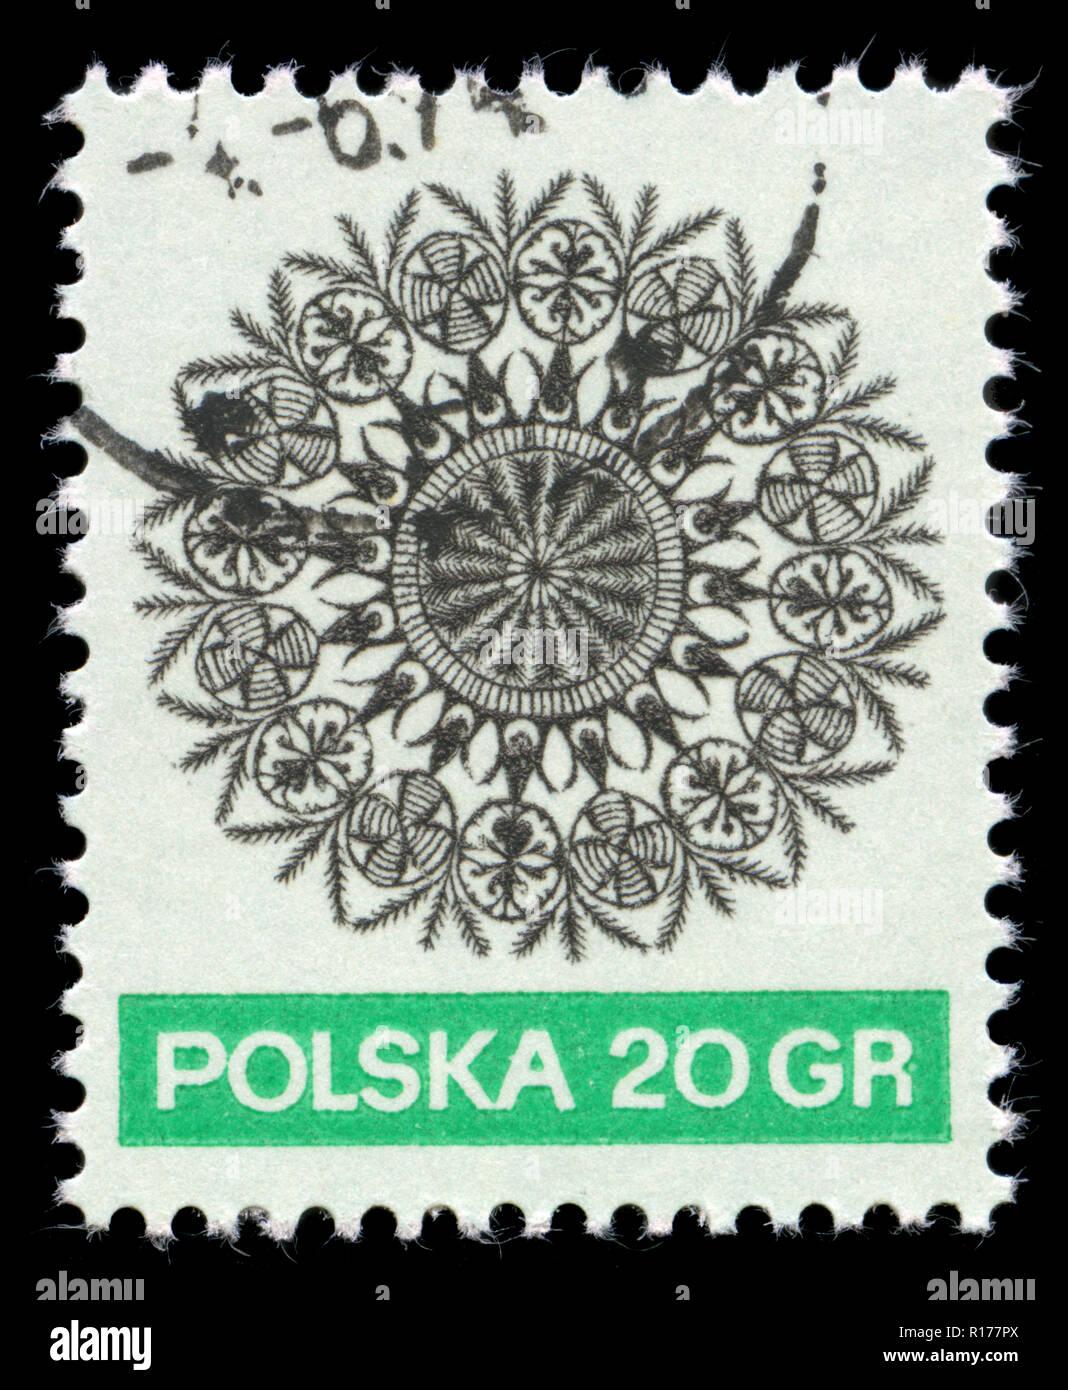 Timbre-poste de la Pologne dans l'Art Populaire de la série émise en 1971 Photo Stock